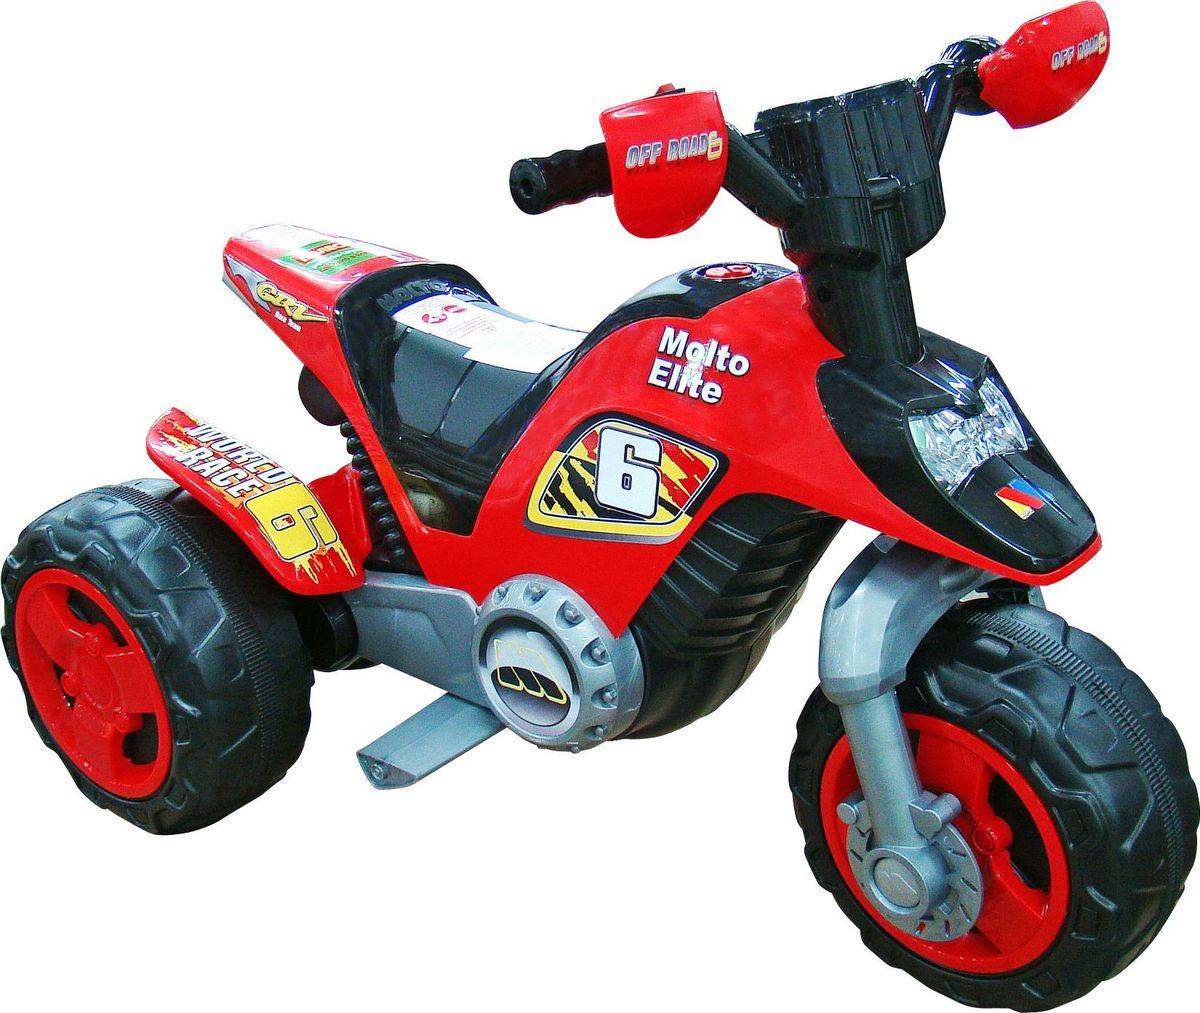 """""""Мотоцикл """"""""Molto Elite 6"""""""" - это трехколесный электромобиль. Яркий, красочный дизайн детского электромобиля понравится как мальчикам, так и девочкам.Детский трехколесный электромобиль во многом похож на взрослый мотоцикл. Управление электромобилем осуществляется при помощи руля, на котором расположена рукоятка газа. Если ребенок отвлечется и отпустит рукоять, мотоцикл сразу остановится. На мотоцикле """"Molto Elite 6"""" ребенок может ехать как вперед, так и назад. Кузов игрушки выполнен из высококачественного пластика, что обеспечивает надежность и долгий срок службы. Напряжение питания на электромобиле составляет 6 вольт. Поэтому все электрические приборы скрыты от ребенка. При полностью заряженной батарее электромобиля малыш сможет кататься около 40 минут непрерывно. Модель рассчитана на максимальную нагрузку не более 50 кг.Самое главное преимущество наших электромобилей - при правильном уходе и эксплуатации электромобиль будет радовать ваших детей много лет, поскольку мы обеспечиваем гарантийное и послегарантийное сервисное обслуживание. На нашем сайте размещен каталог деталей к электромобилям.Электромобили предлагаемой серии отличаются размером, мощностью, цветом. Перед началом эксплуатации электромобиля следует внимательно ознакомиться с инструкцией!"""